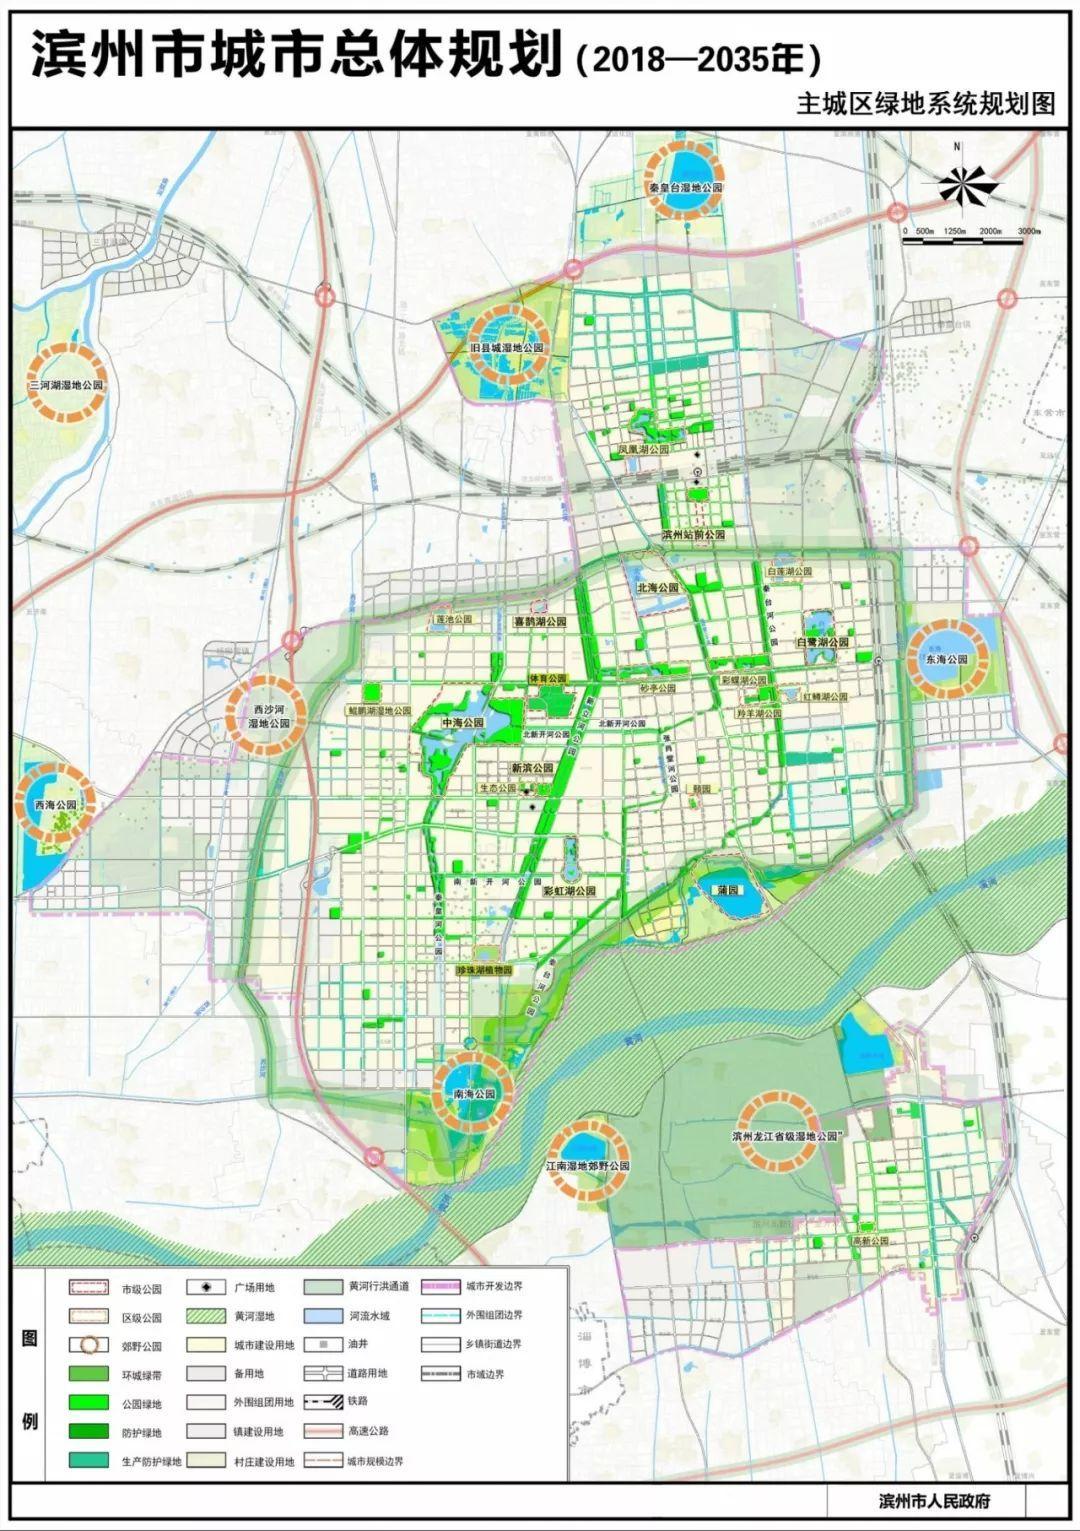 滨州市区人口_最新最全 滨州市城市总体规划出炉 2018 2035年